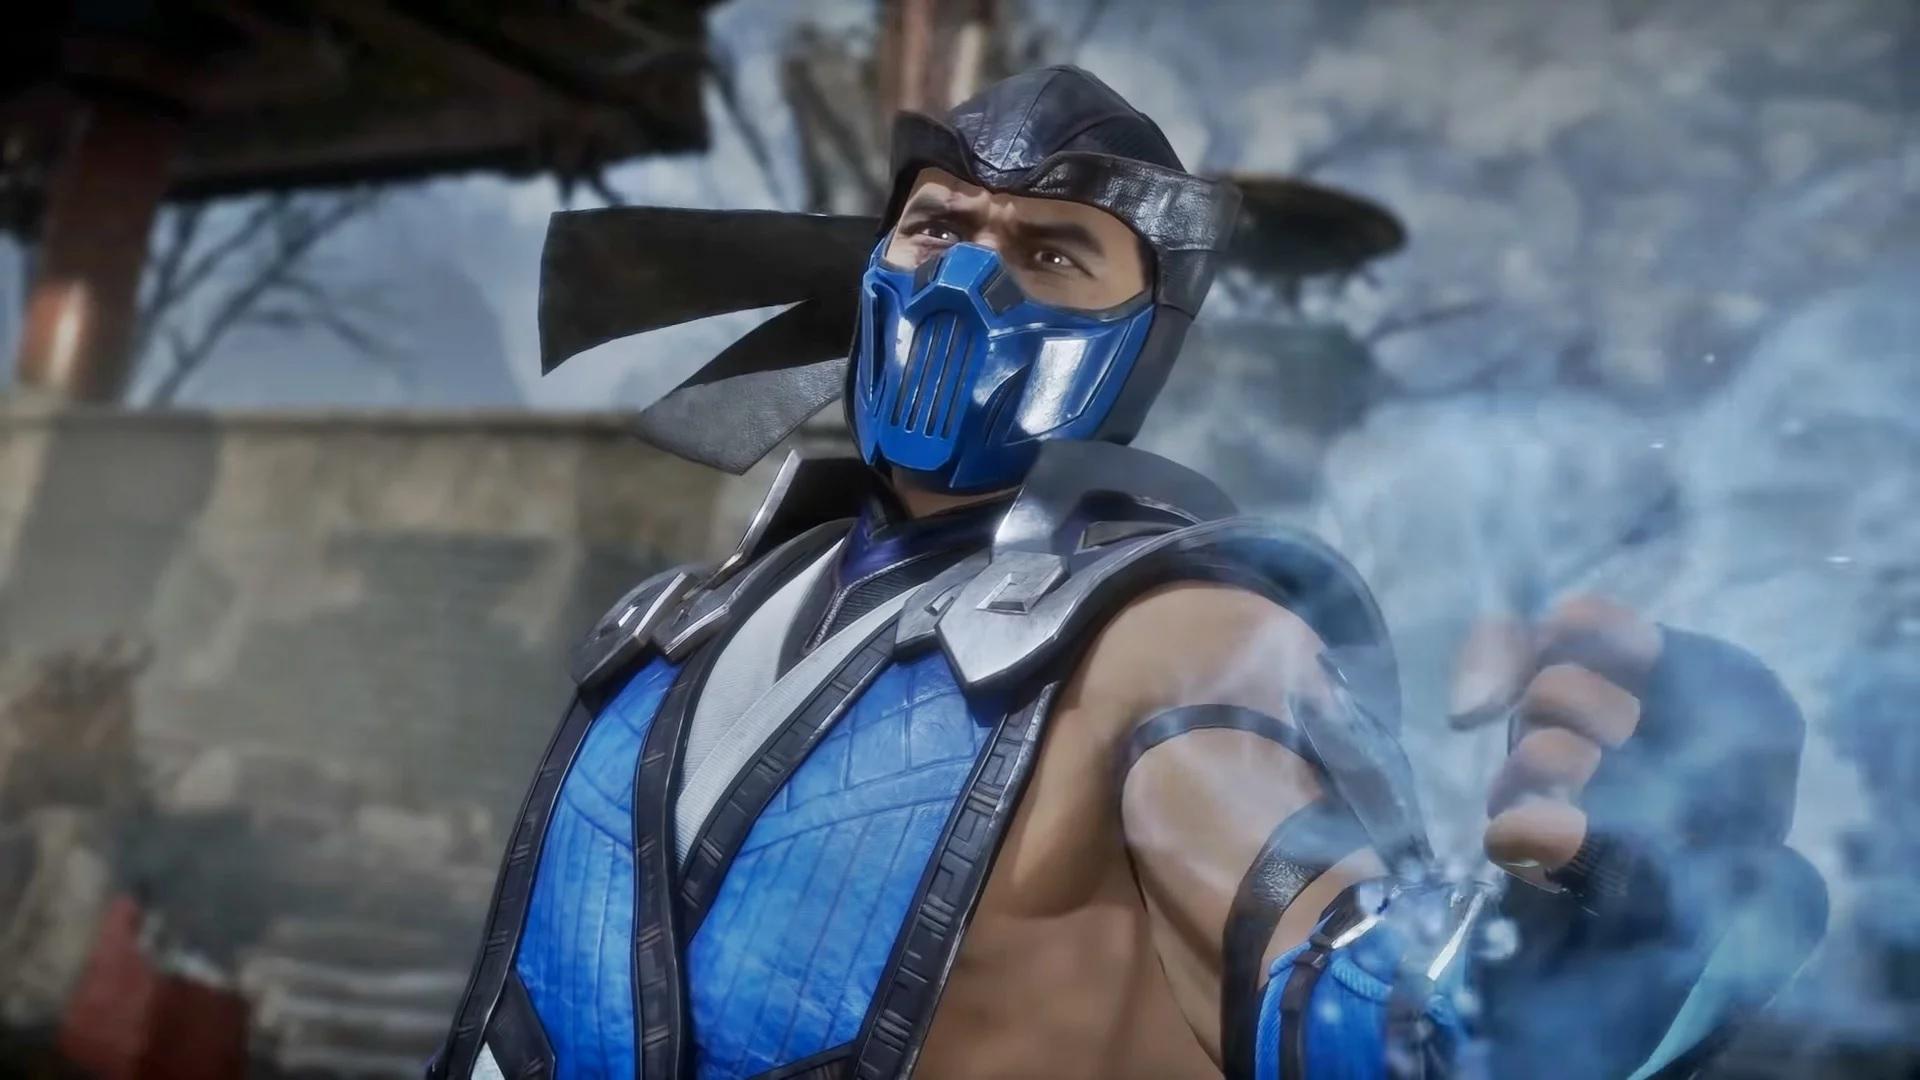 Mortal Kombat 11 dominates April's NPD charts